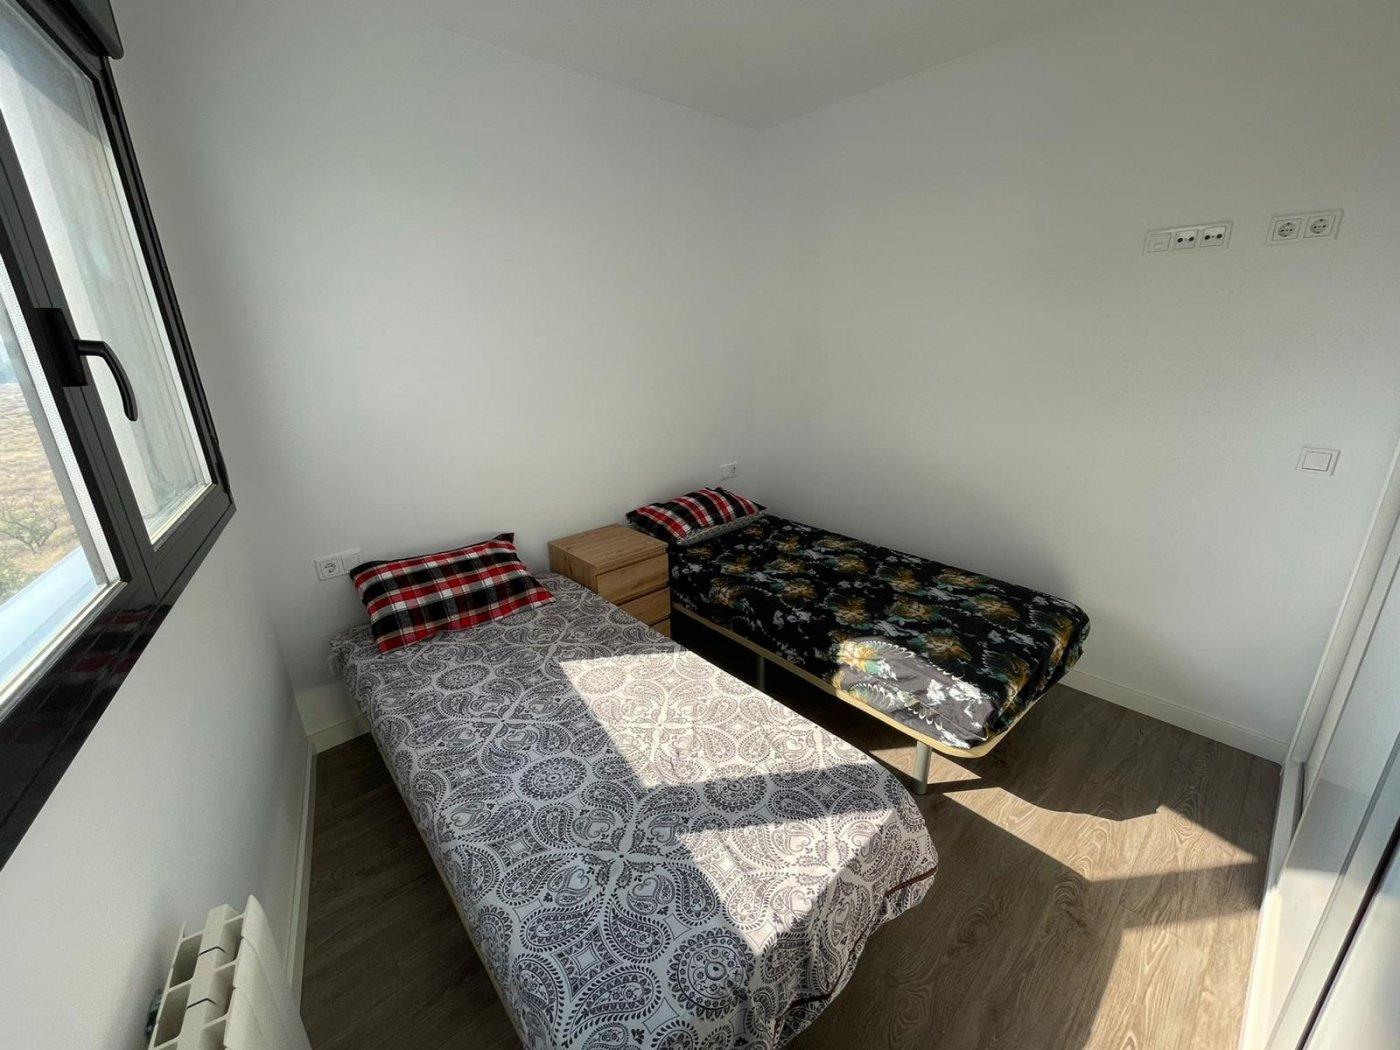 Urbanización, vvda en alquiler amueblada con garaje y trastero. 5 min. playa - imagenInmueble8